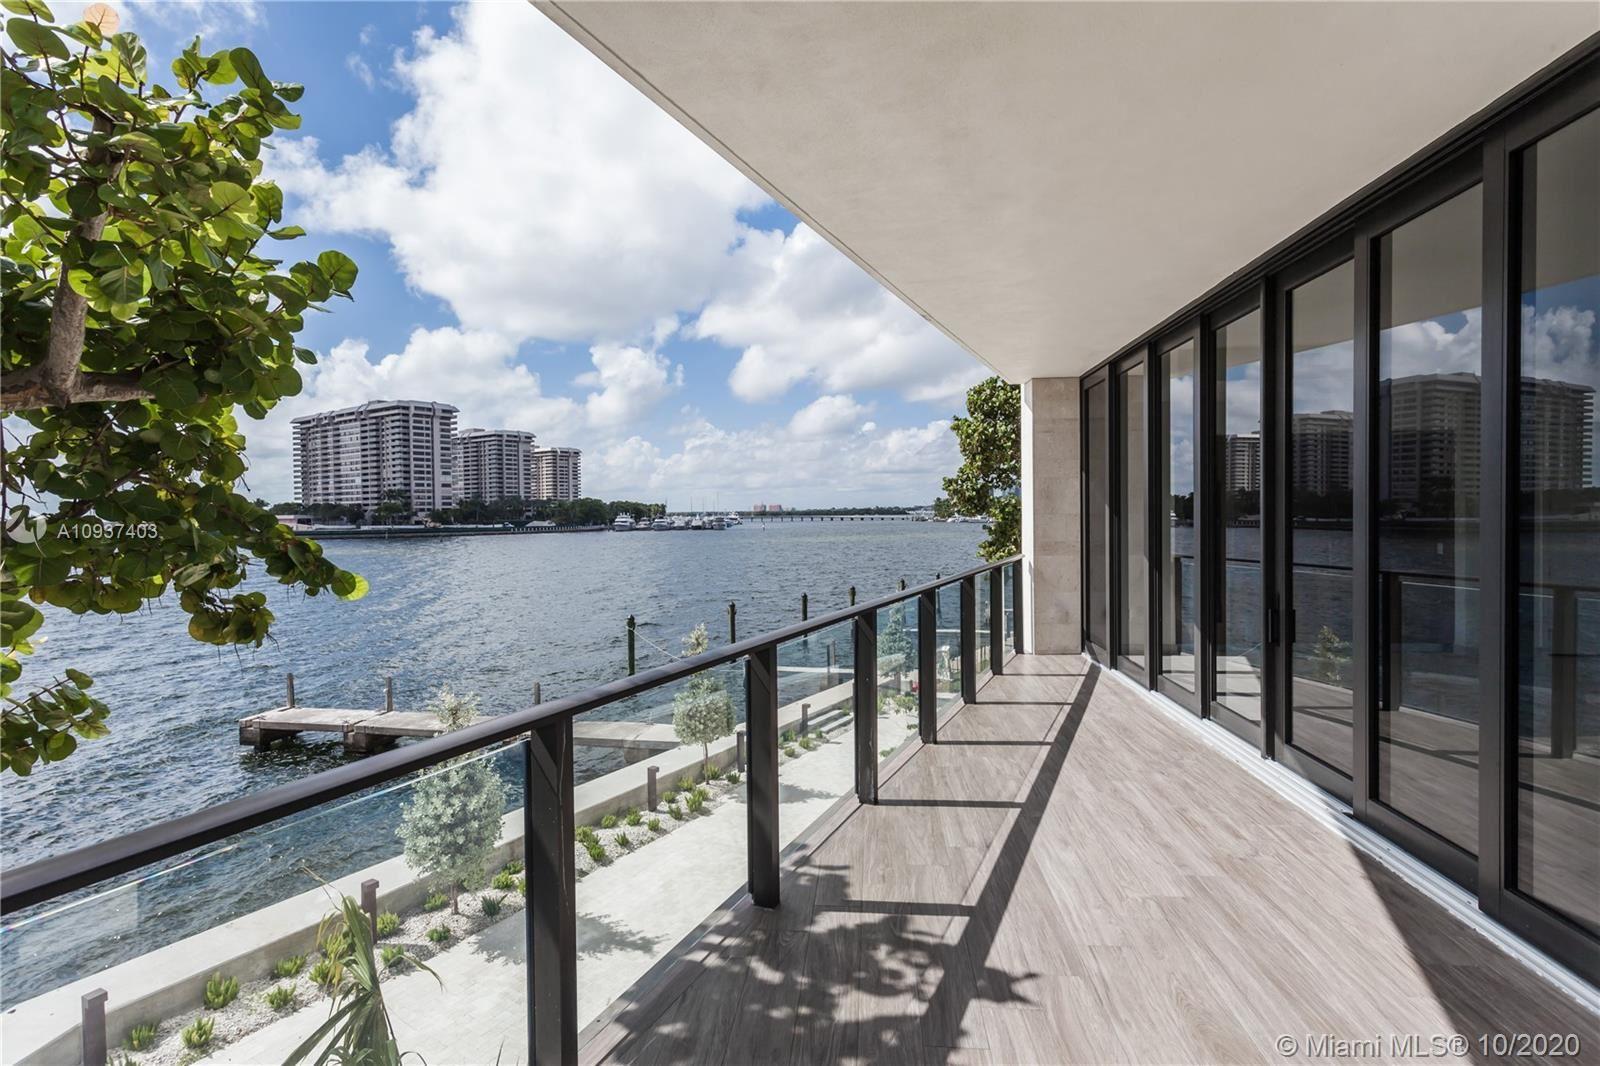 3581 E Glencoe #202, Miami, FL 33133 - #: A10937403